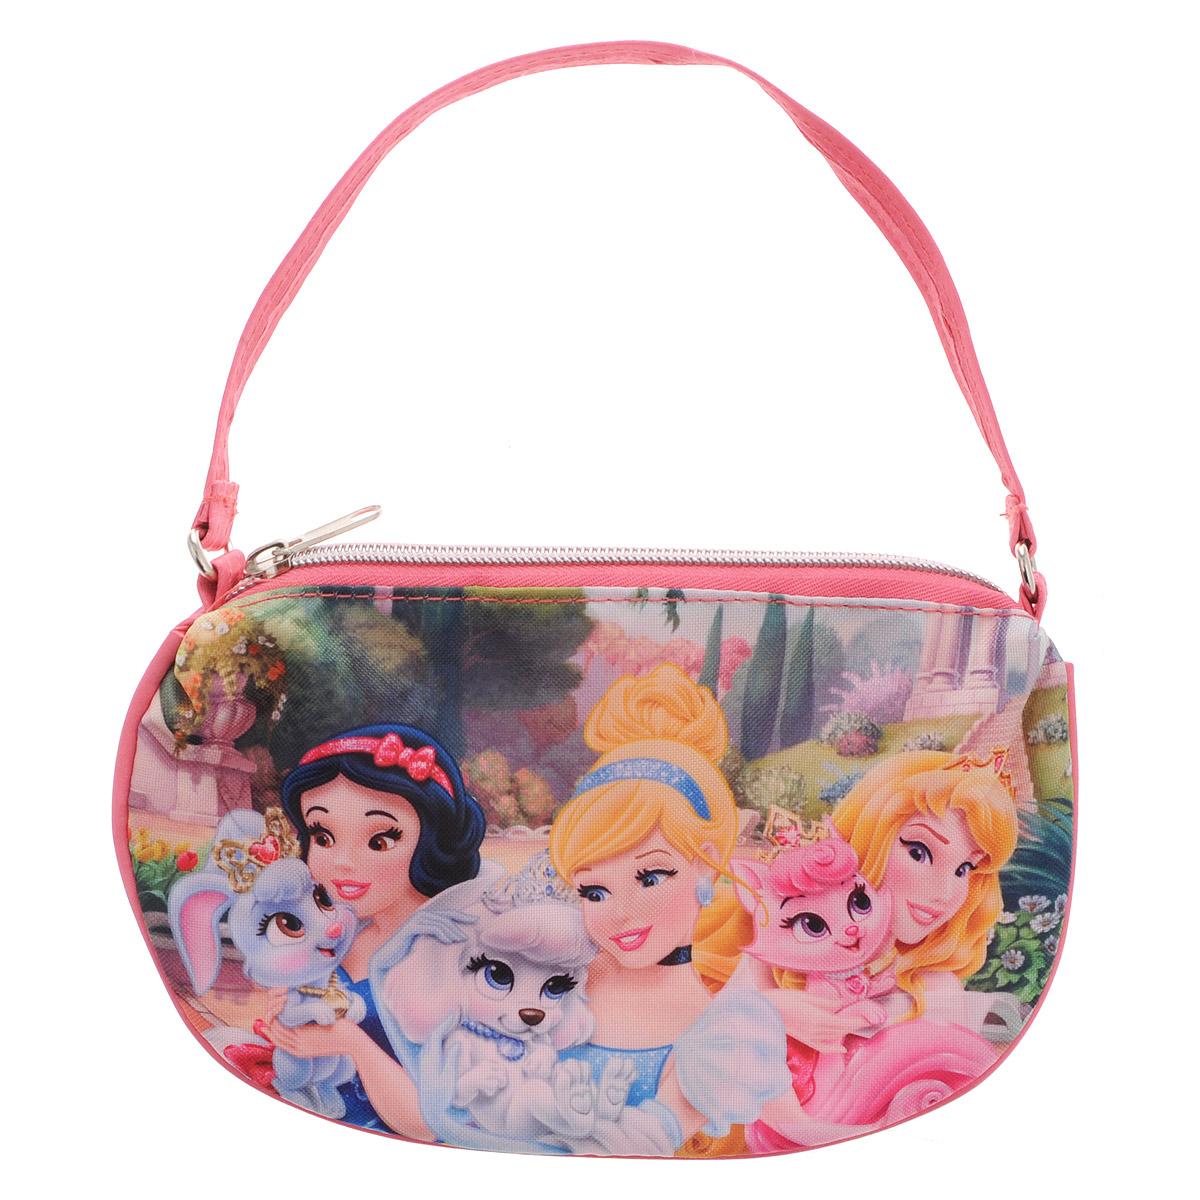 Сумочка Princess, цвет: розовый. PRCB-UT4-4017PRCB-UT4-4017Яркая сумочка Princess станет незаменимым аксессуаром для вашей маленькой модницы!Она изготовлена из текстильного материала и оформлена объемной аппликацией в виде изображений любимых сказочных героев. Сумка имеет одно отделение и закрывается на застежку-молнию. Ваша малышка с удовольствием будет носить в ней свои вещи, любимые игрушки или аксессуары. Порадуйте ее таким замечательным подарком!